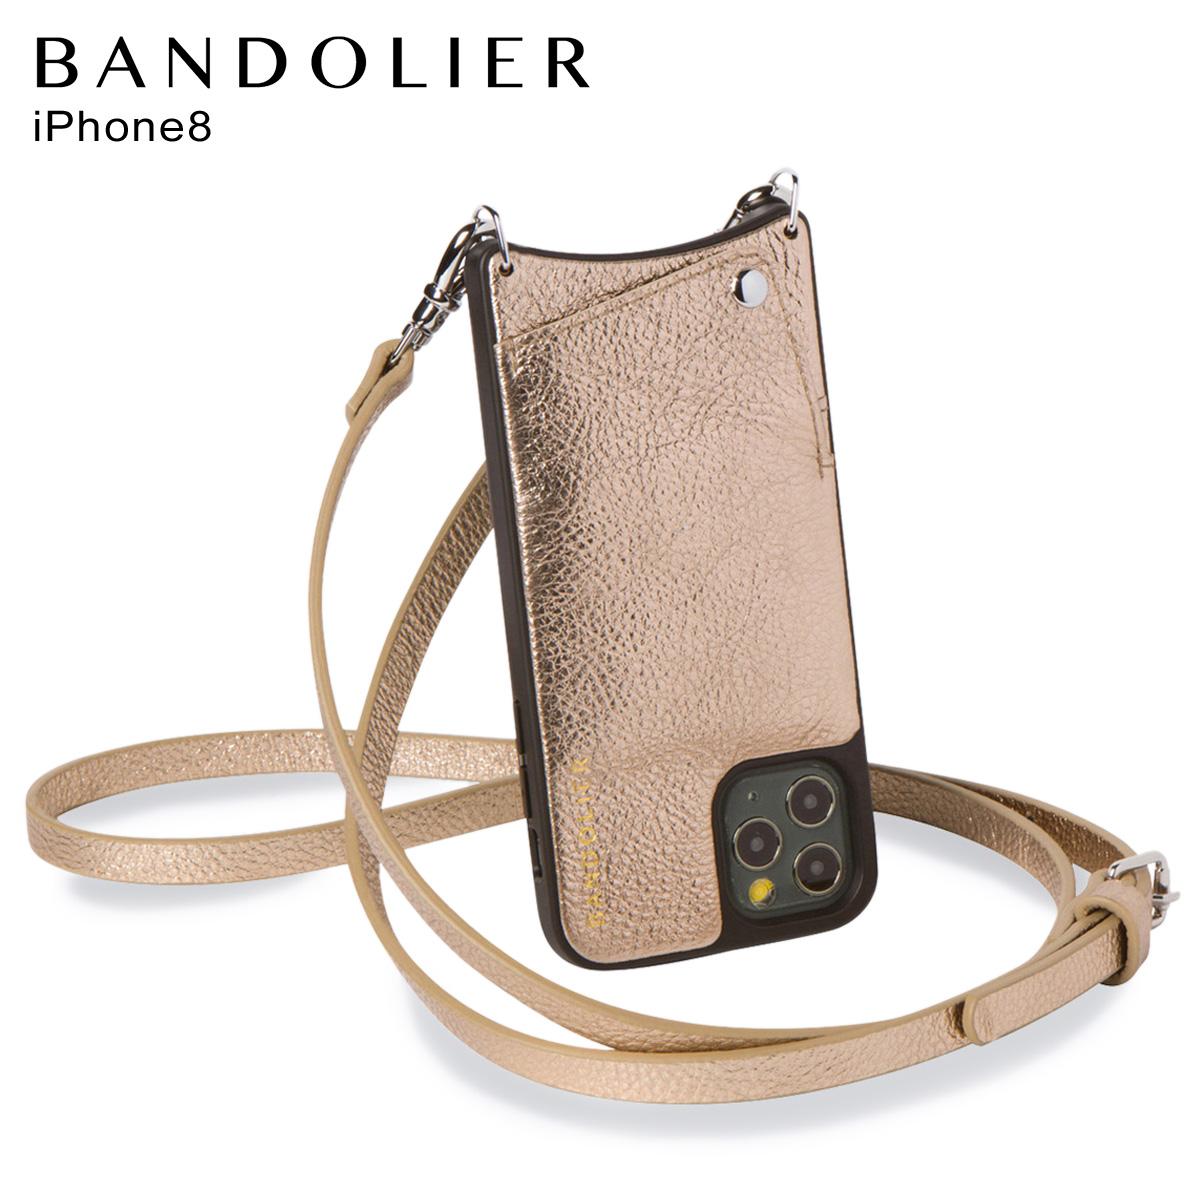 バンドリヤー BANDOLIER エマ iPhone SE 8 7 6s 6 ケース スマホ 携帯 ショルダー アイフォン メンズ レディース レザー EMMA CHAMPAGNE GOLD ゴールド 10EMM